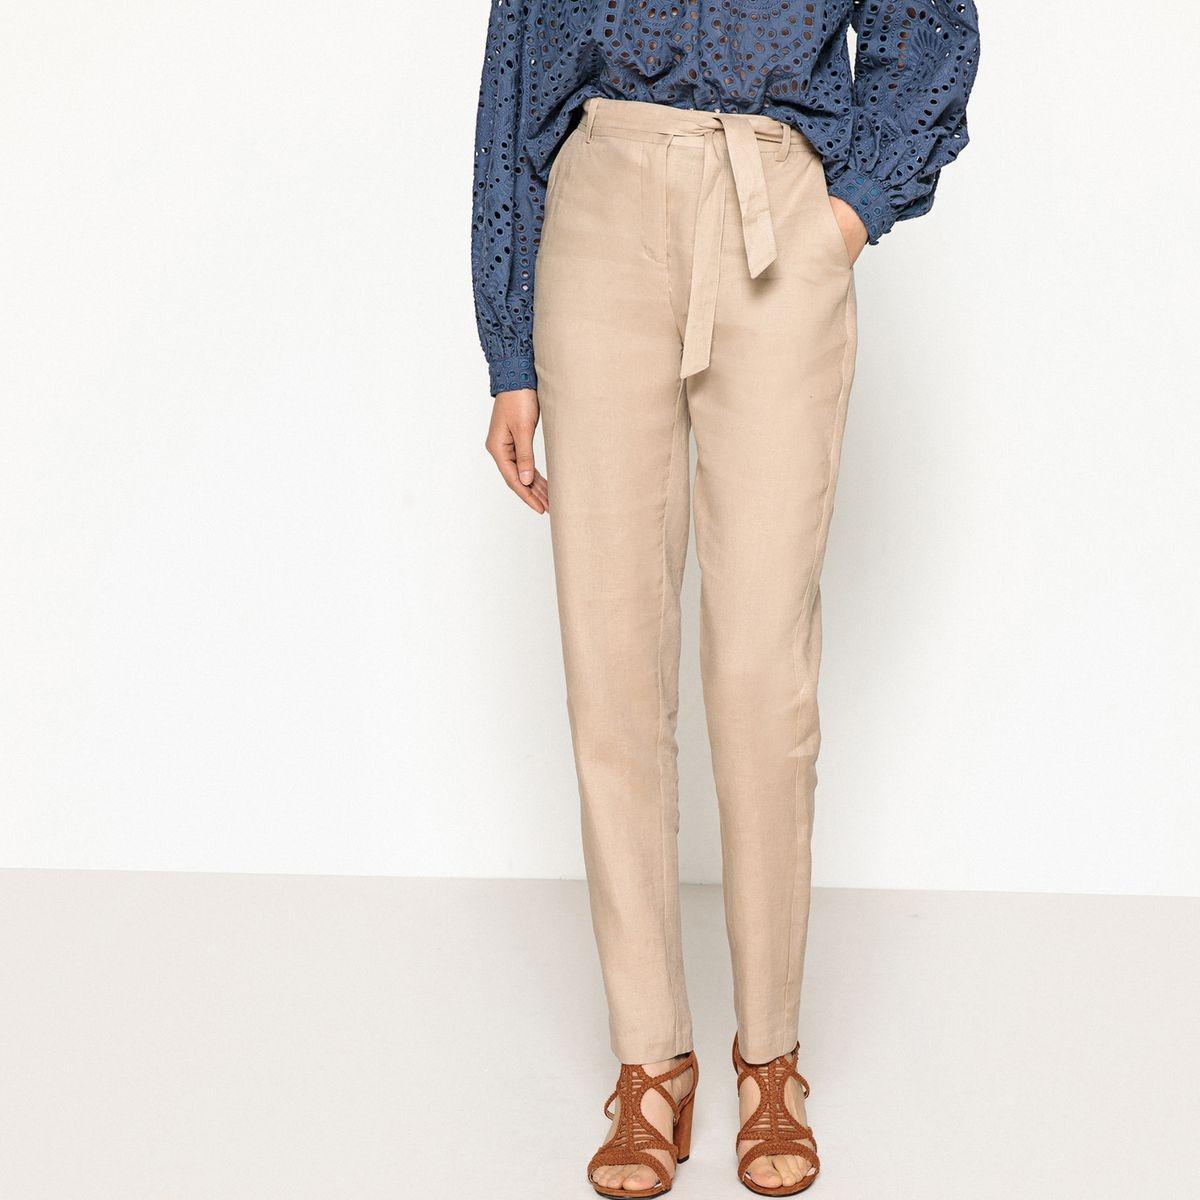 Pantalon droit taille haute pur lin